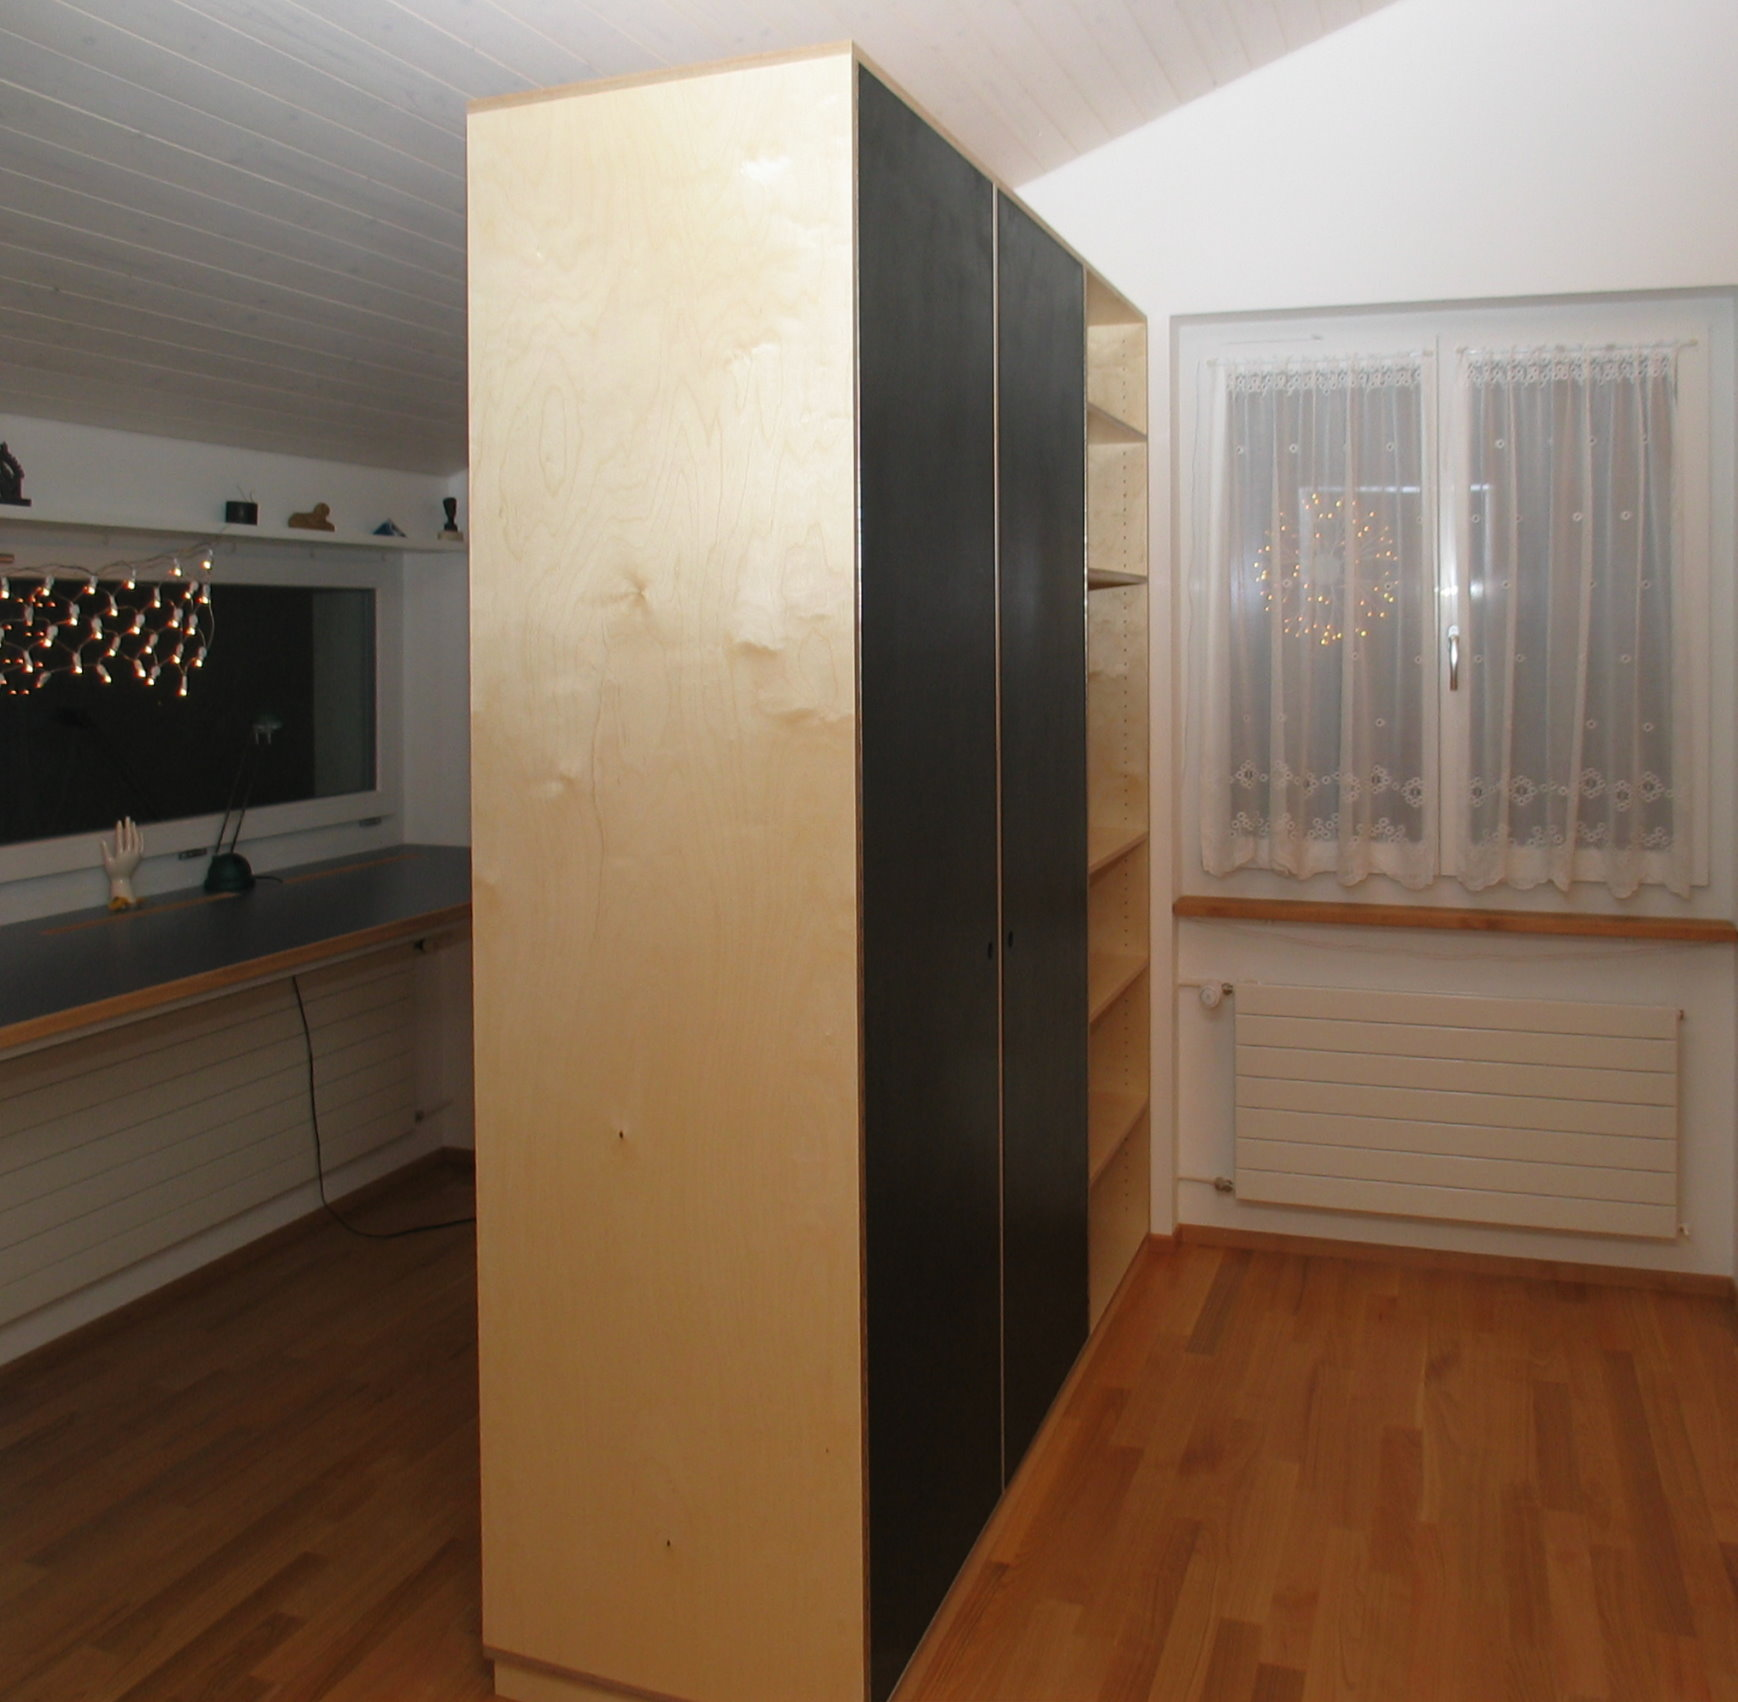 schr nke harder schreinerei ag winterthur schulmobiliar tische m bel k chen. Black Bedroom Furniture Sets. Home Design Ideas